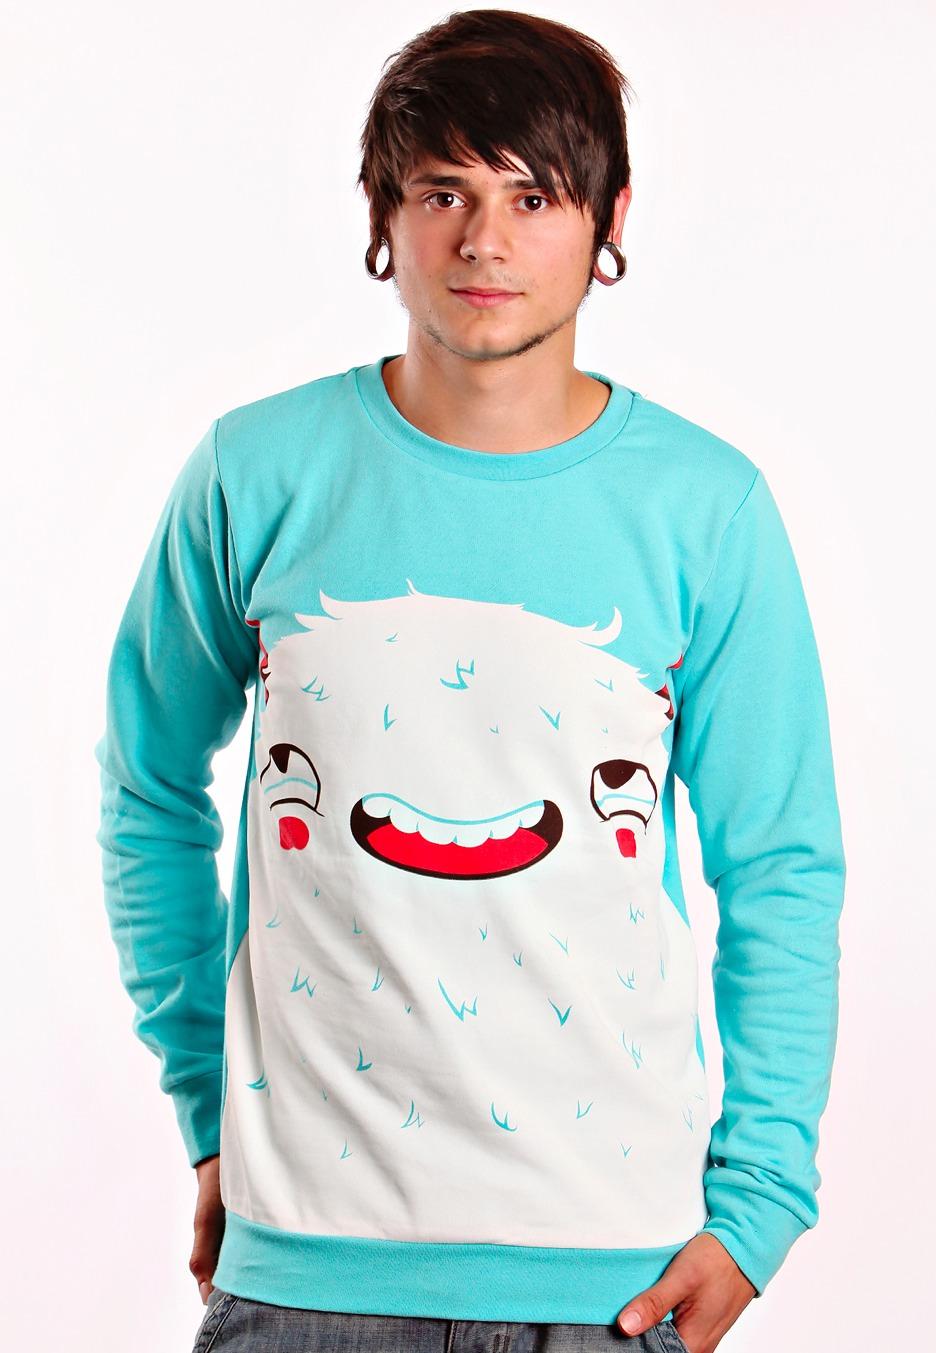 Drop Dead - Curious Crewneck Lightblue - Sweater - Impericon.com Worldwide